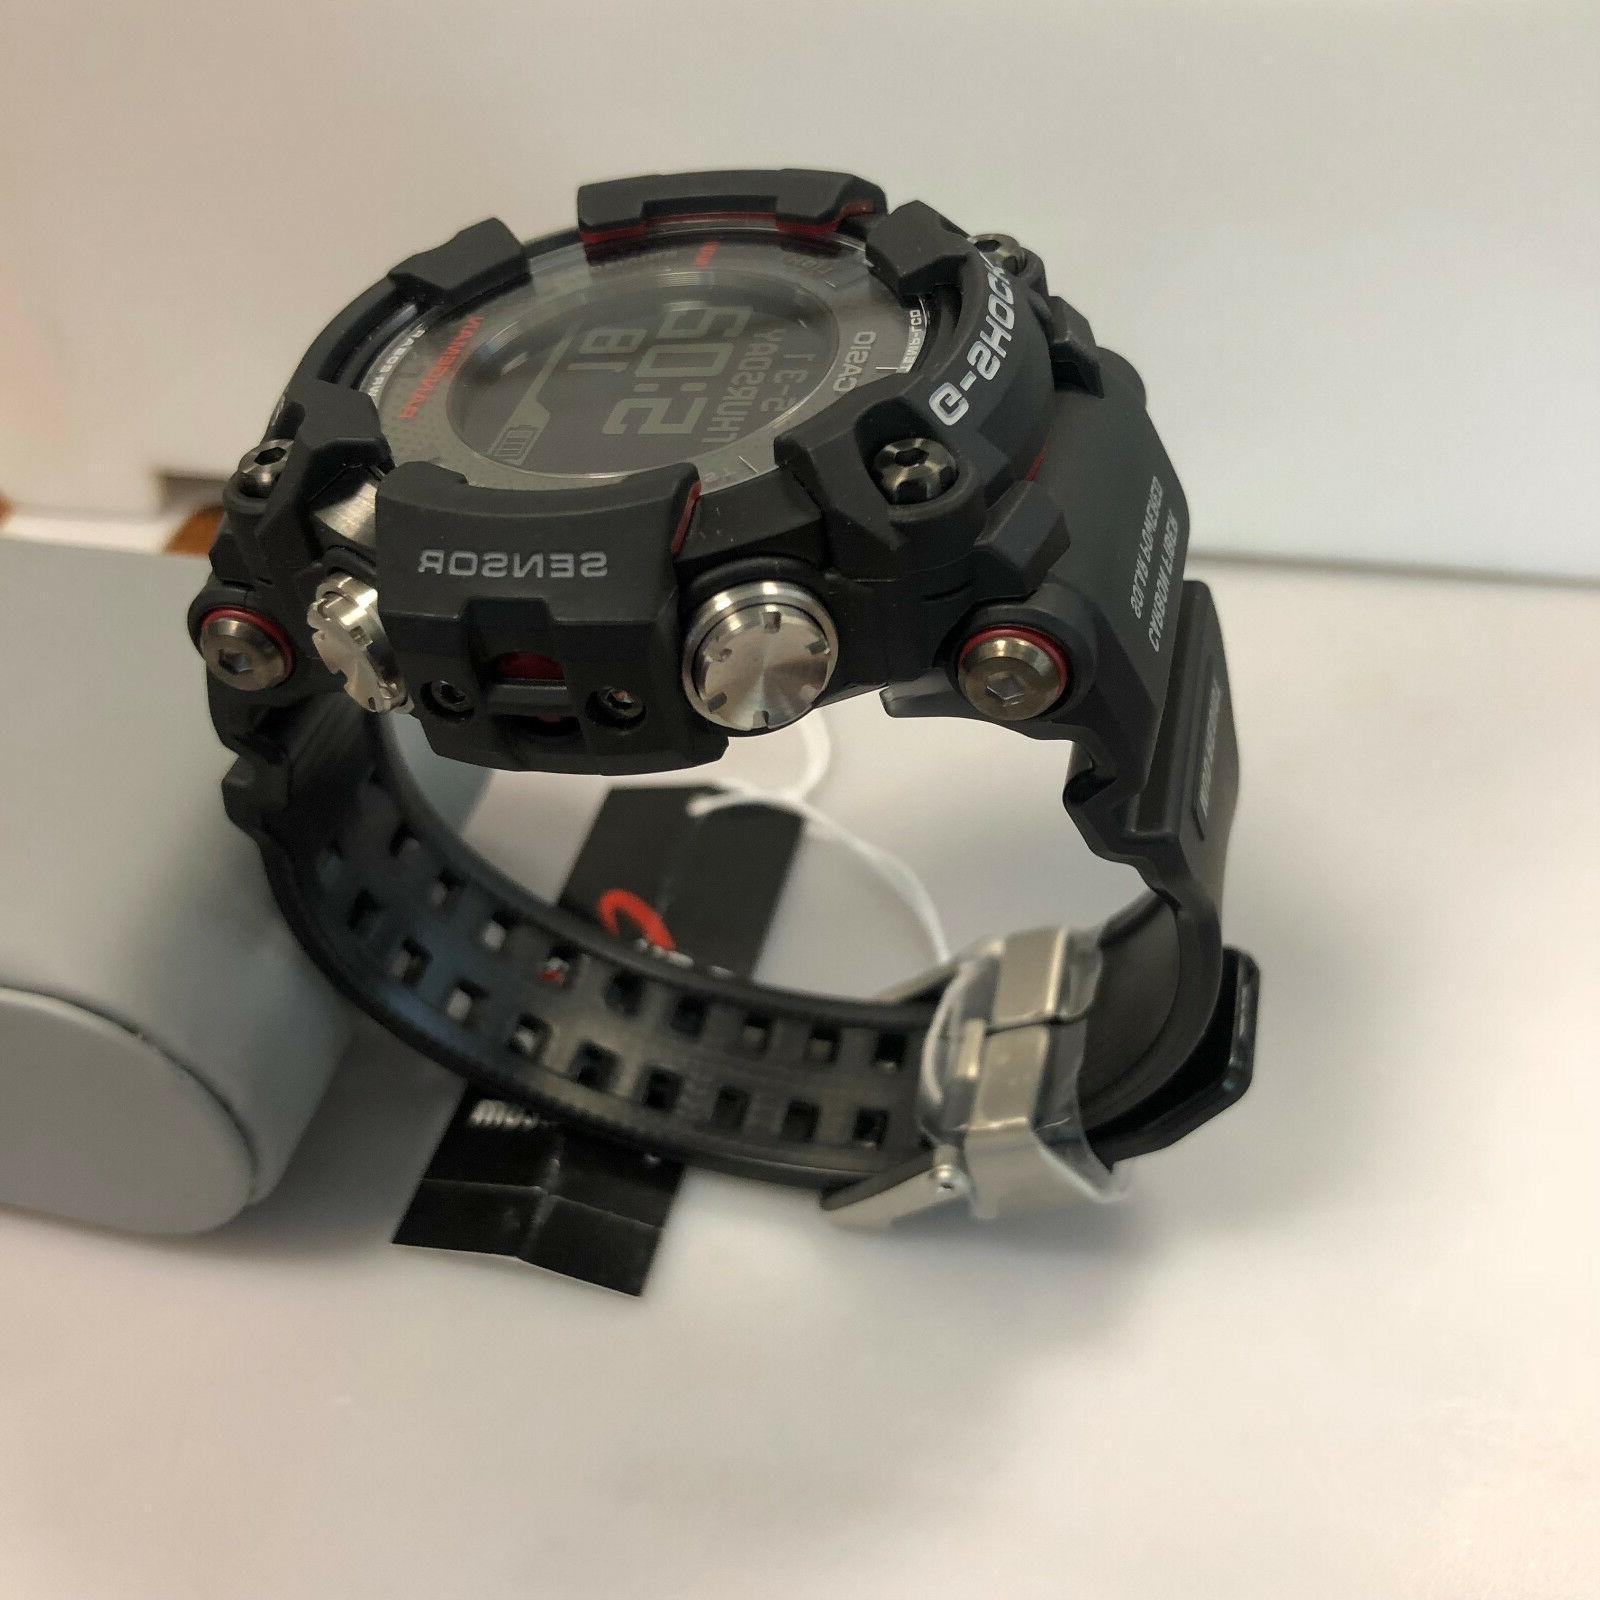 Casio G-SHOCK Navigation Watch New